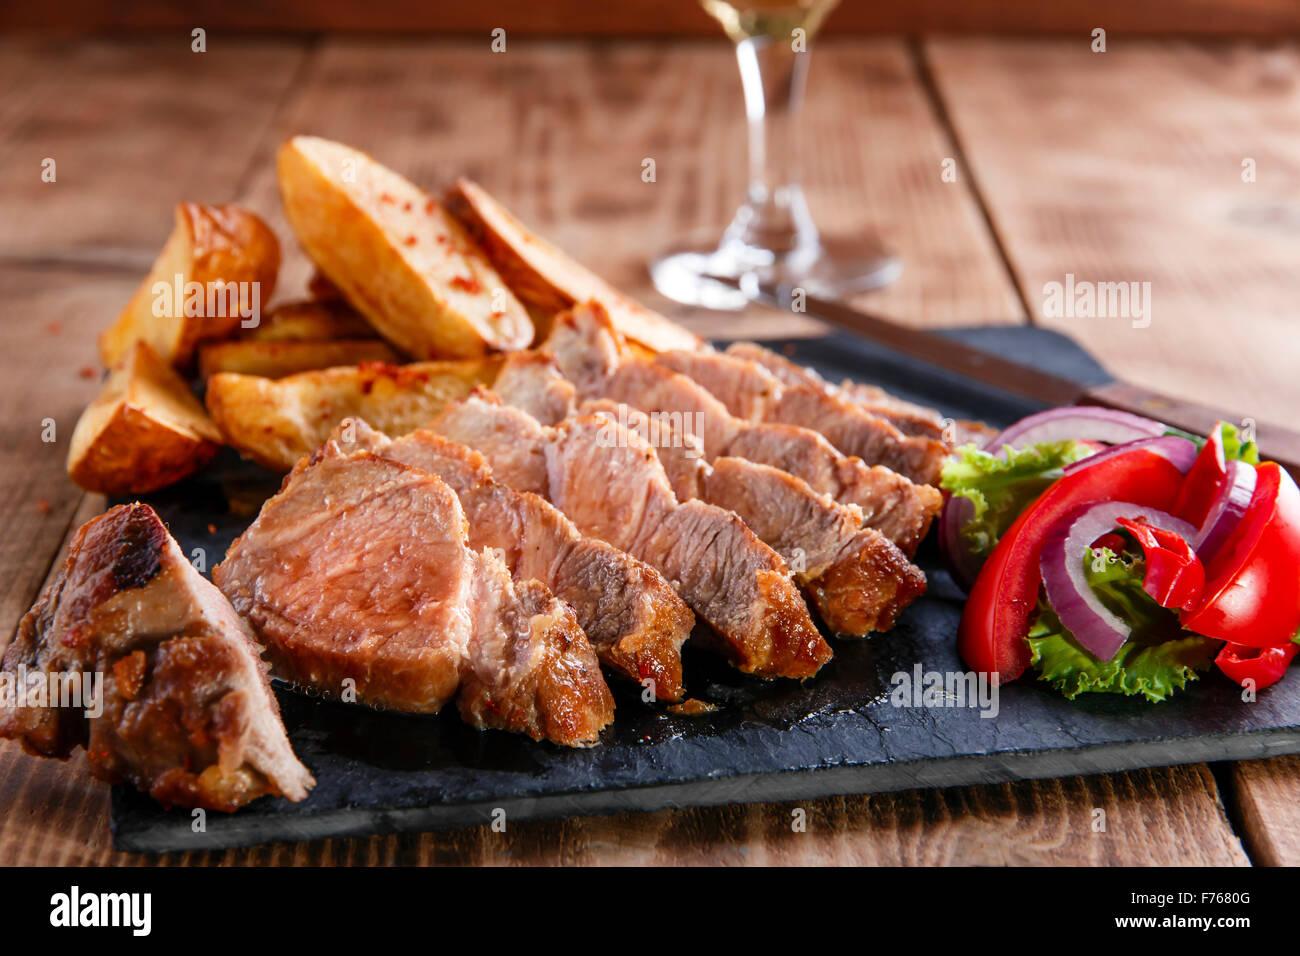 Tranches de steak de porc avec des pommes de terre sautées Photo Stock